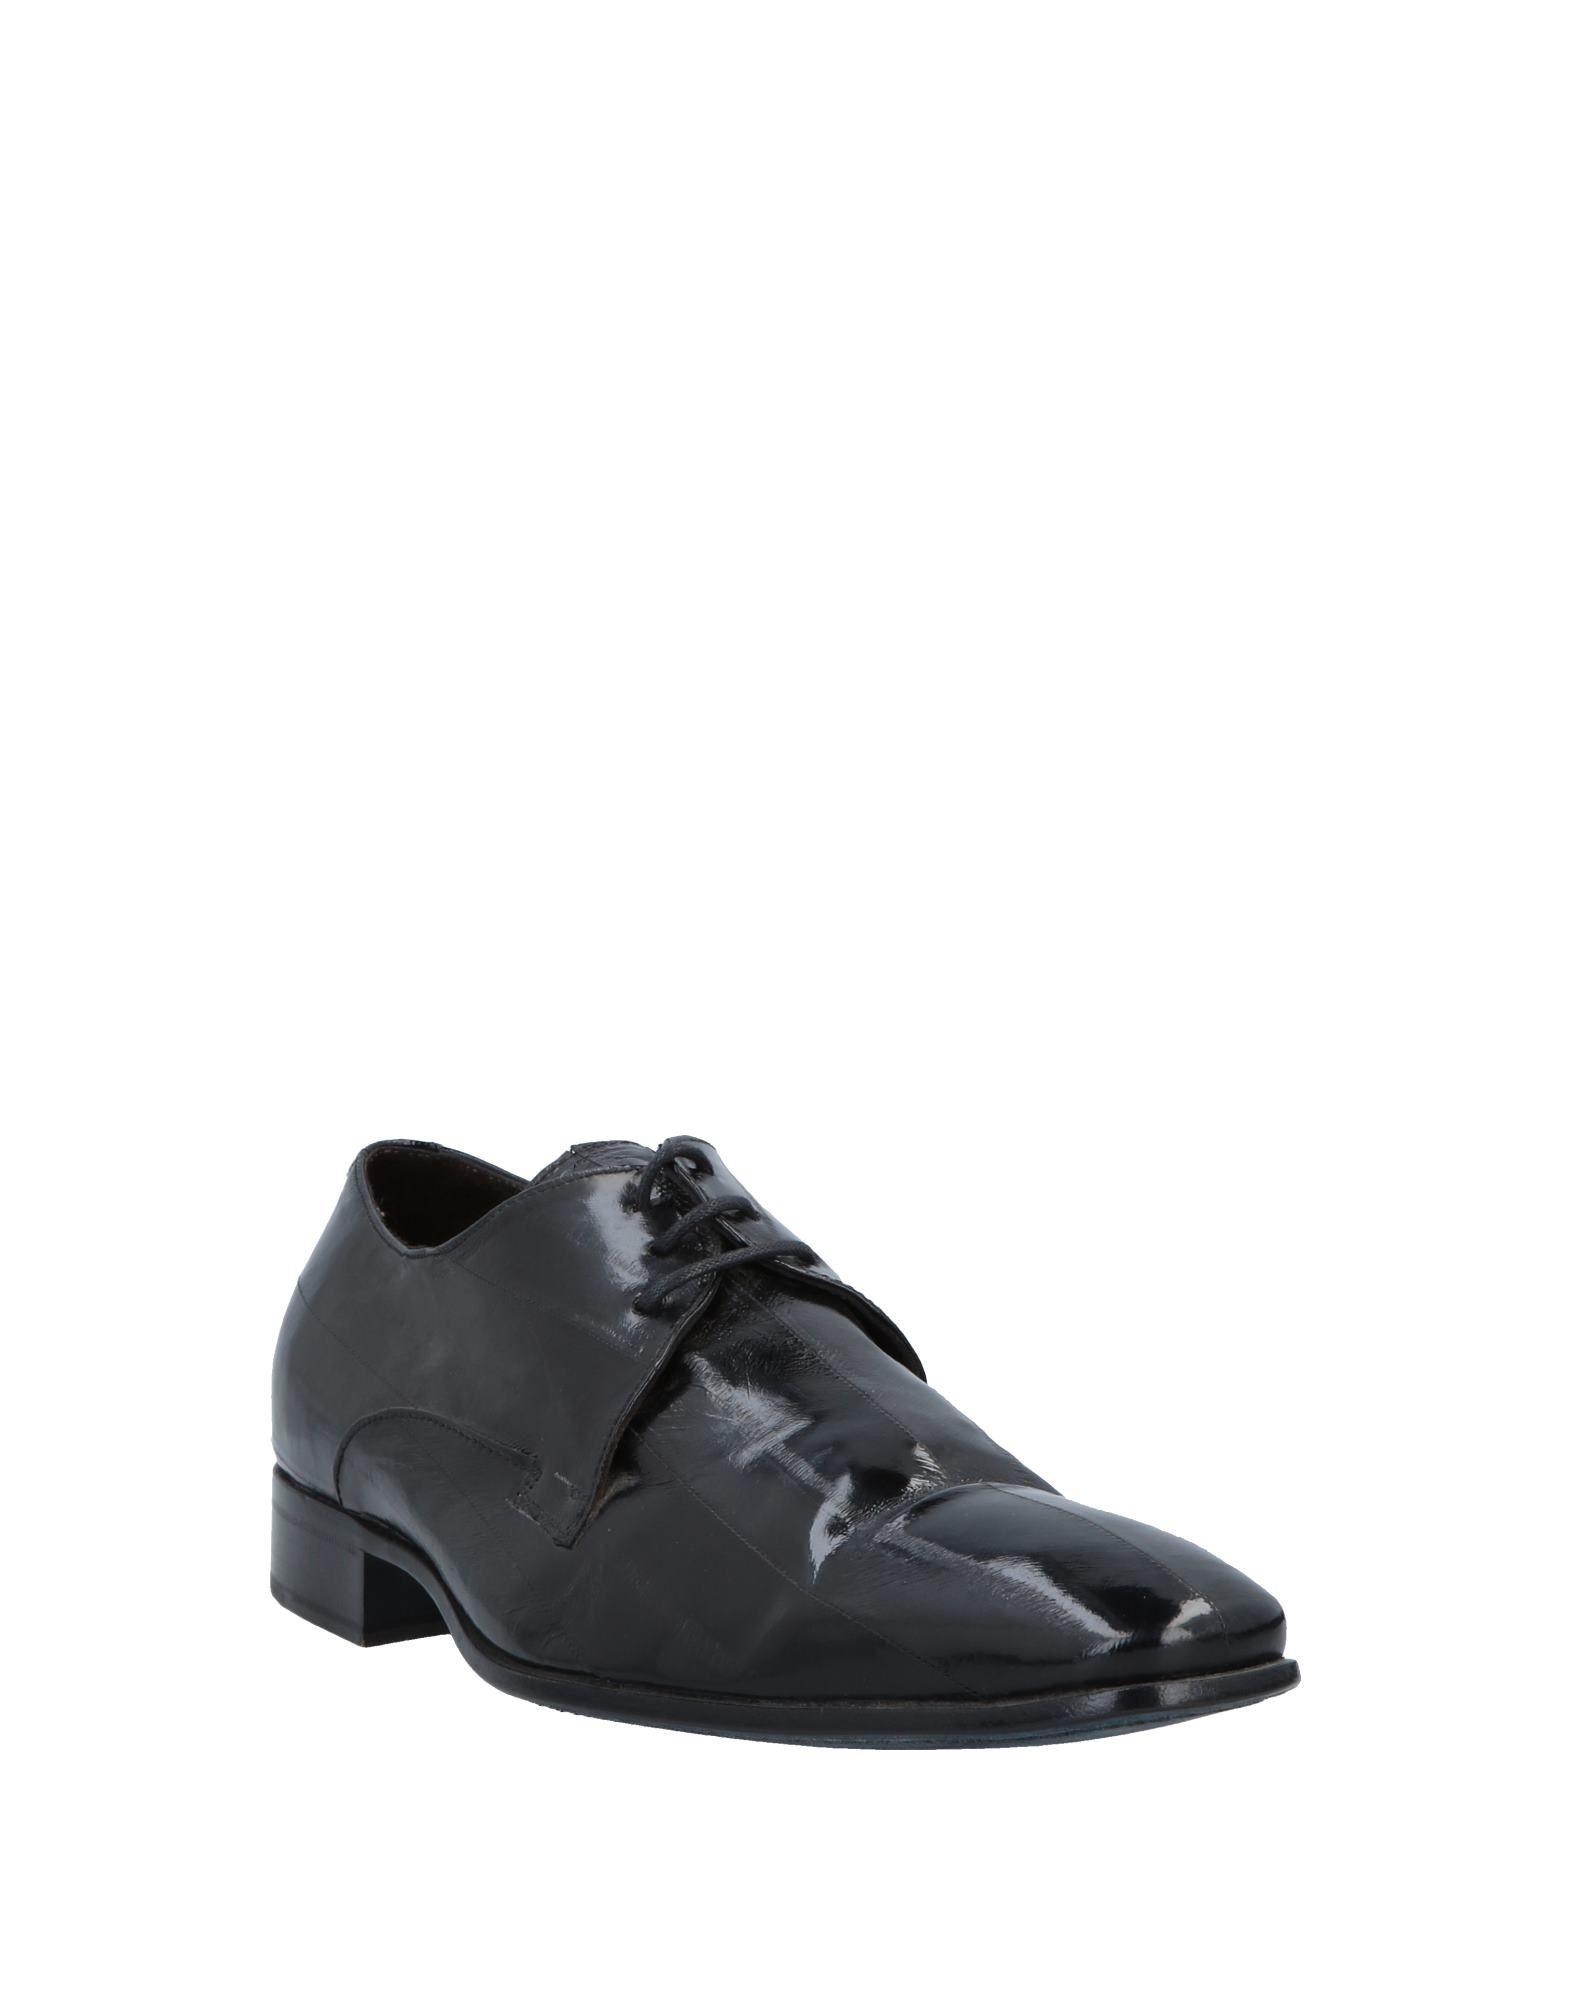 Calpierre Schnürschuhe Herren  Schuhe 11548287XS Gute Qualität beliebte Schuhe  9a04b1